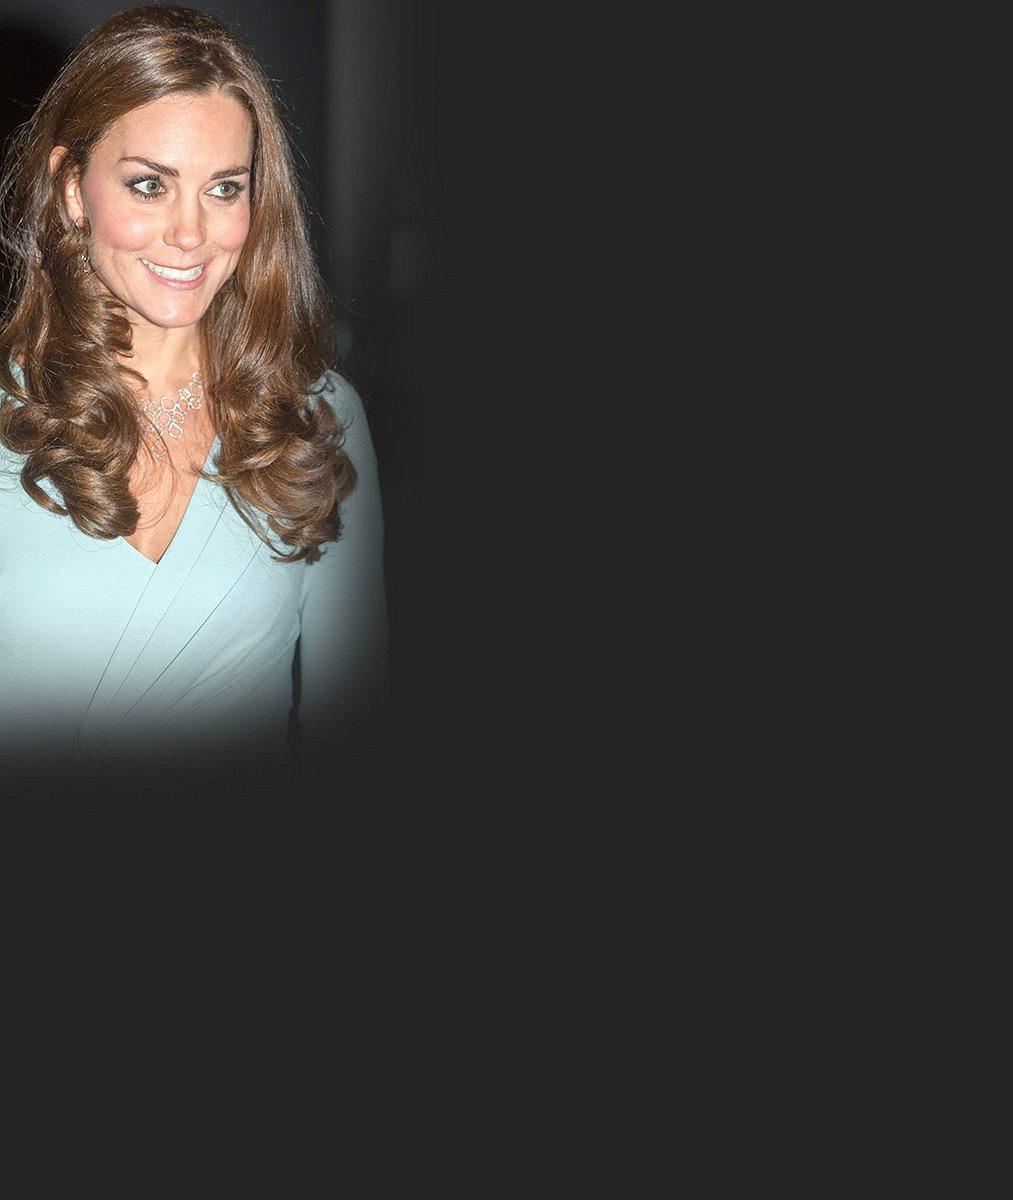 Kouzelná Kate odhalila královská kolínka a lokny nechala volně vlát. Po bříšku ale ani stopy